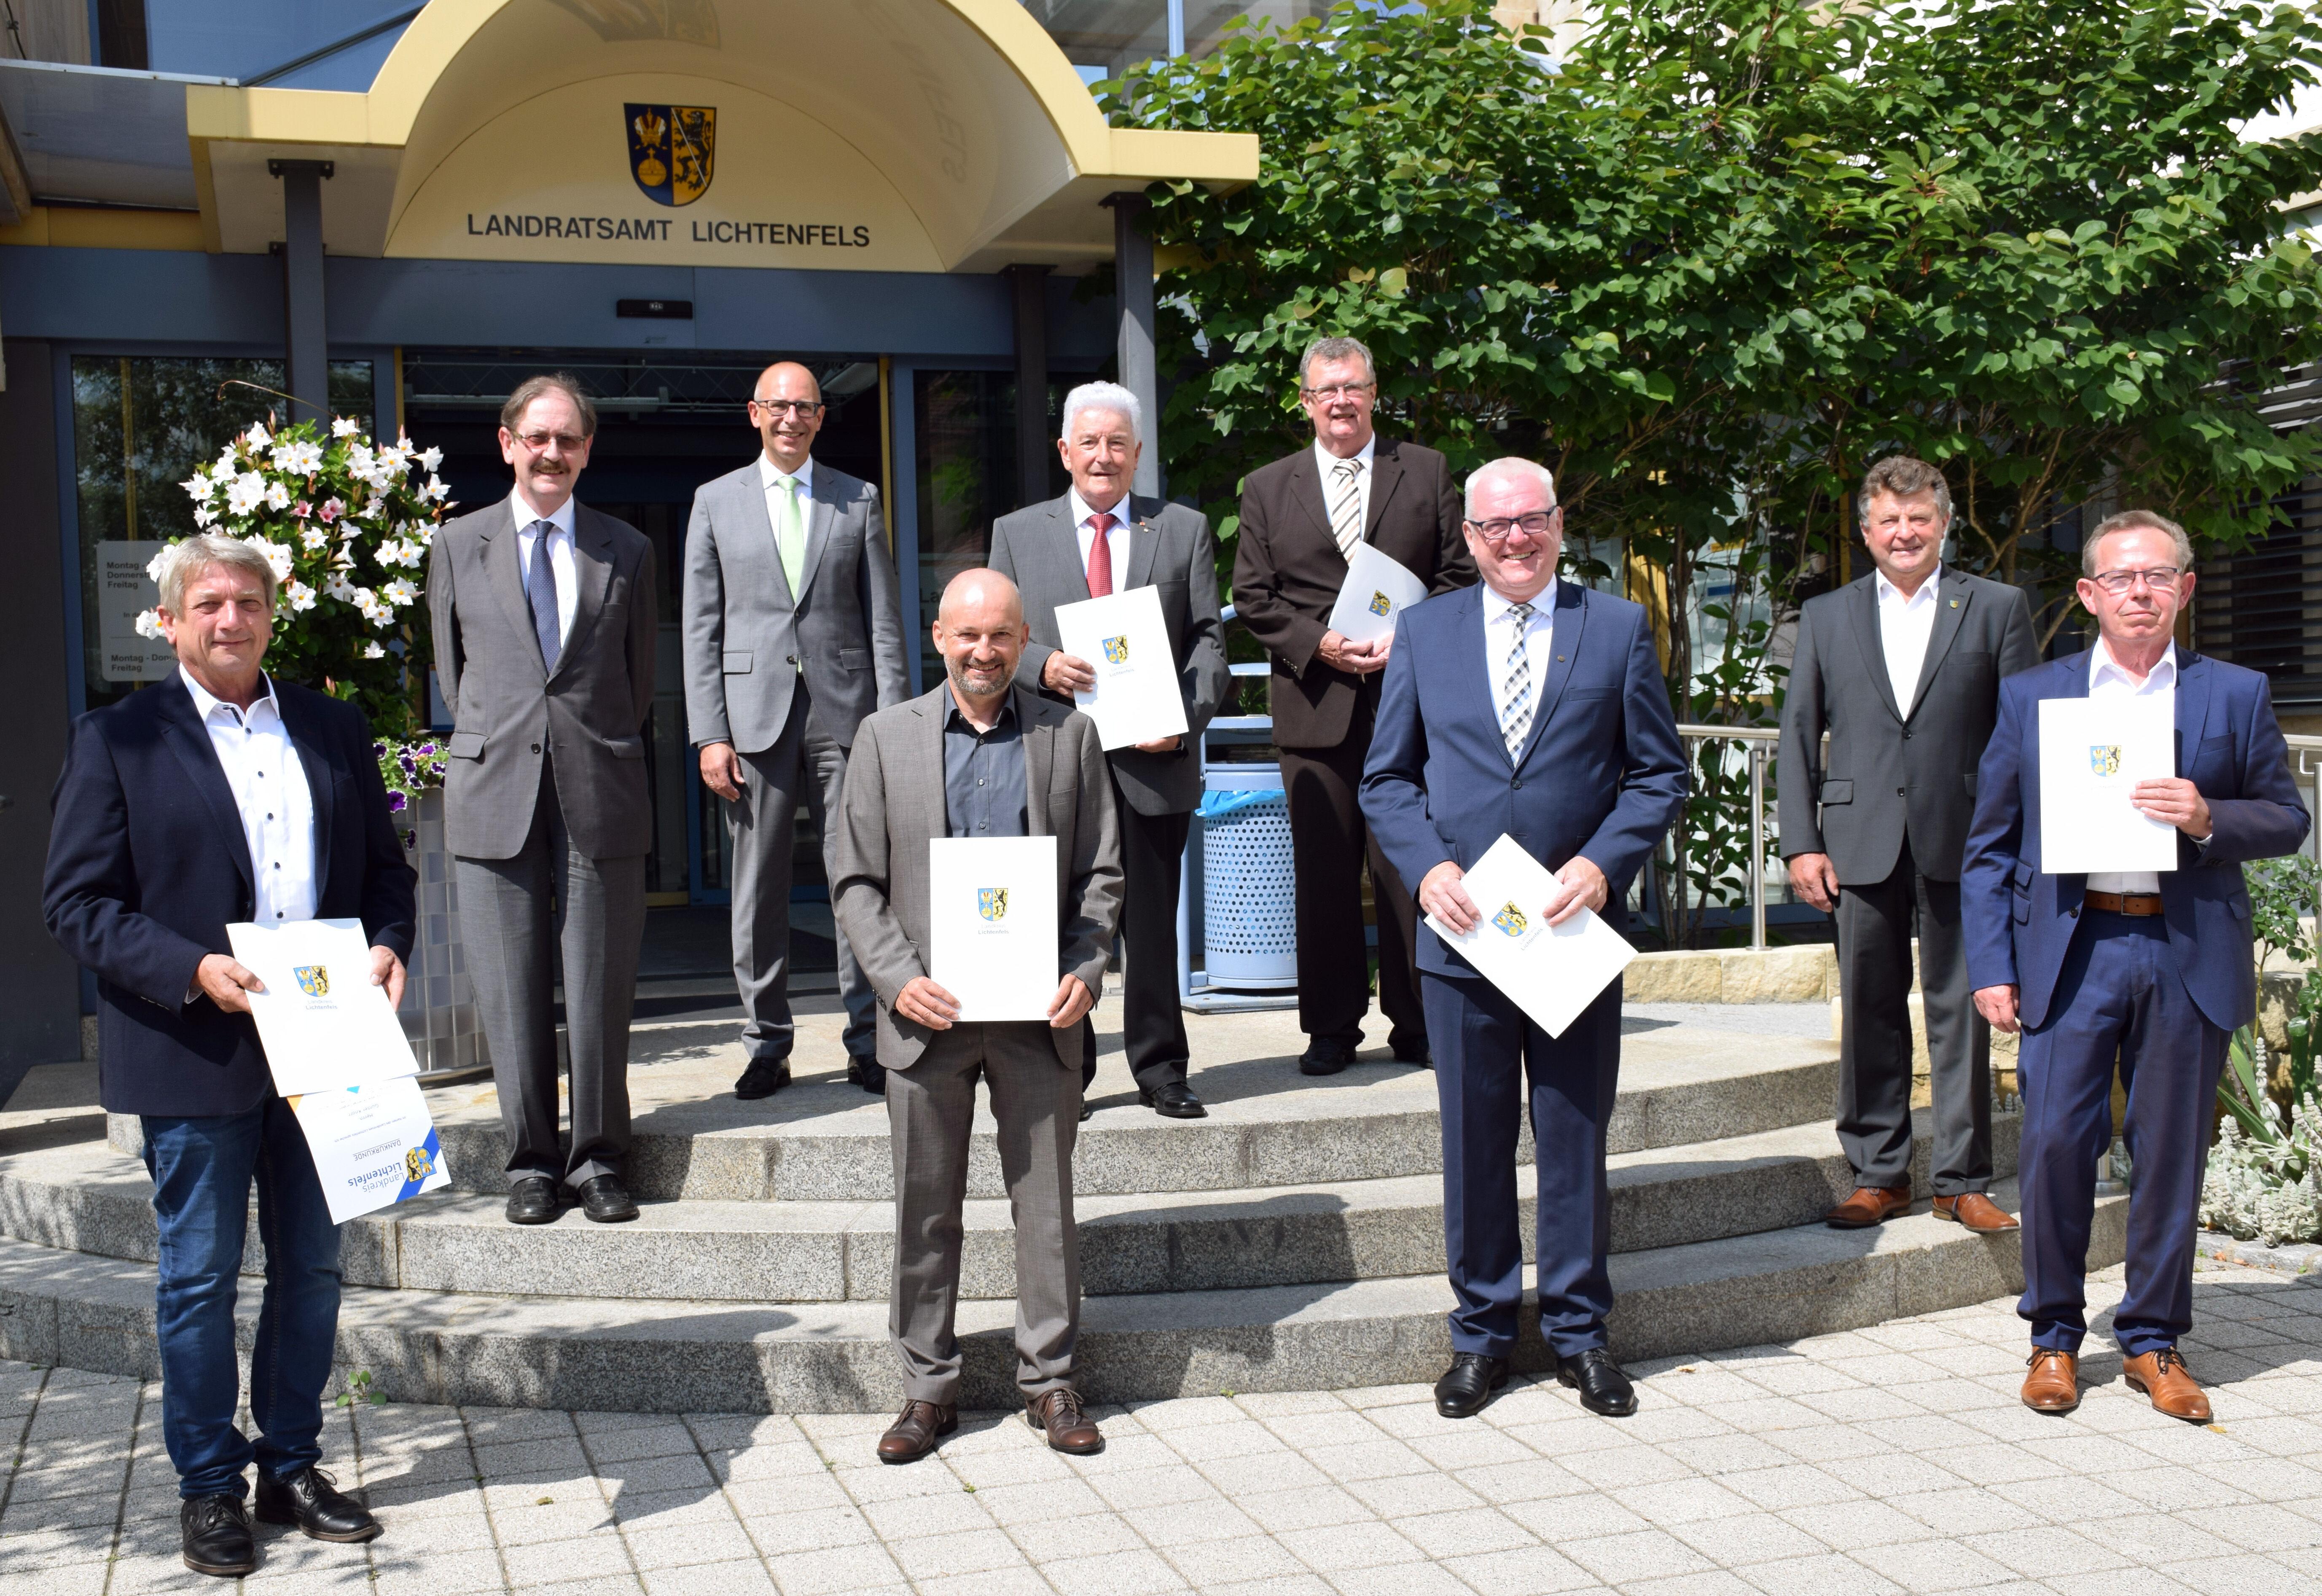 Die verabschiedeten Kreisräte von CSU, Jungen Bürgern und Freien Wählern mit Landrat Christian Meißner und Kreistagsfraktionsvorsitzenden. Foto: Landr